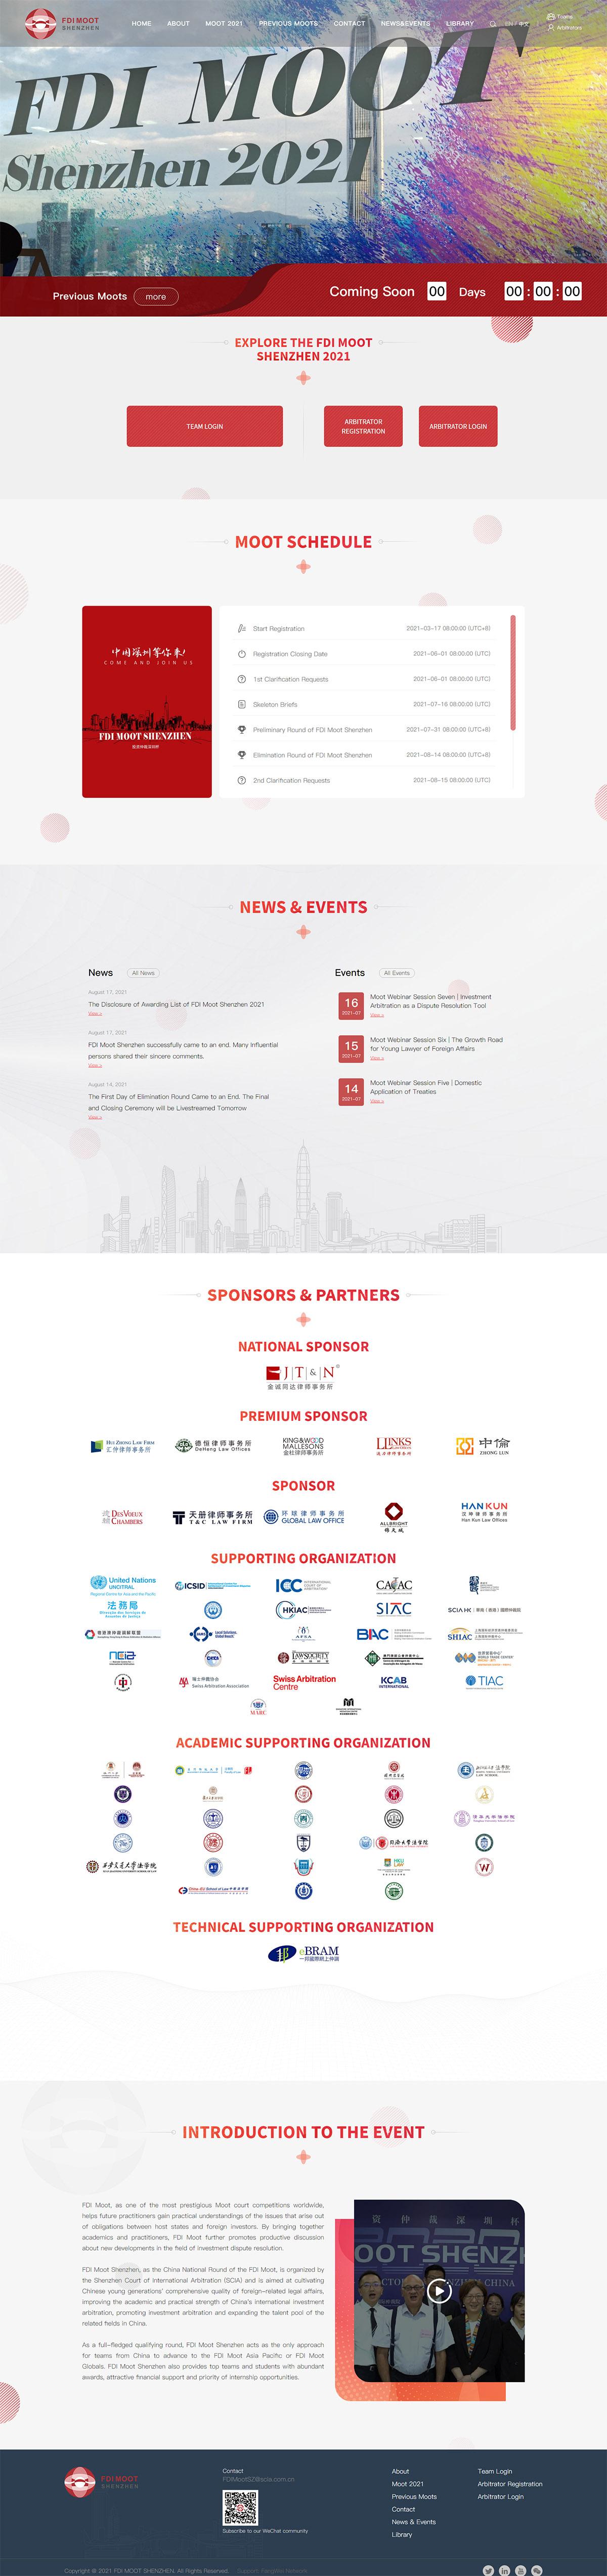 深圳国际仲裁院FDI模拟比赛网站案例